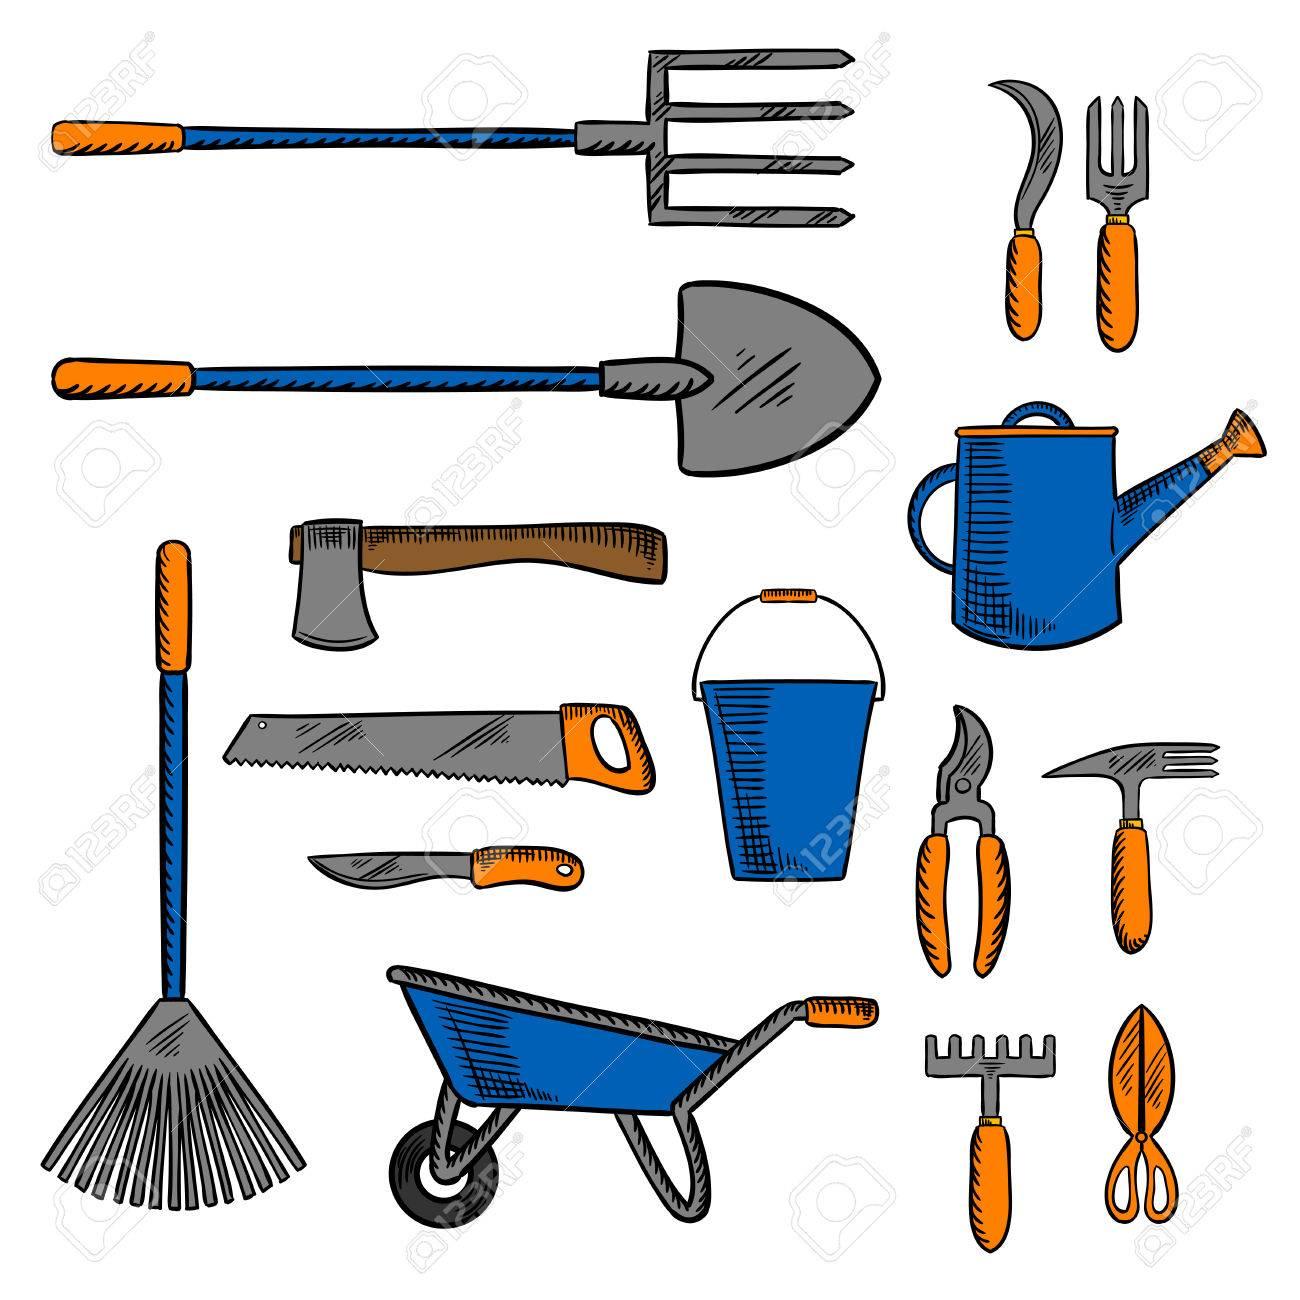 las de jardinera para la jardinera y el diseo de la agricultura con dibujos de